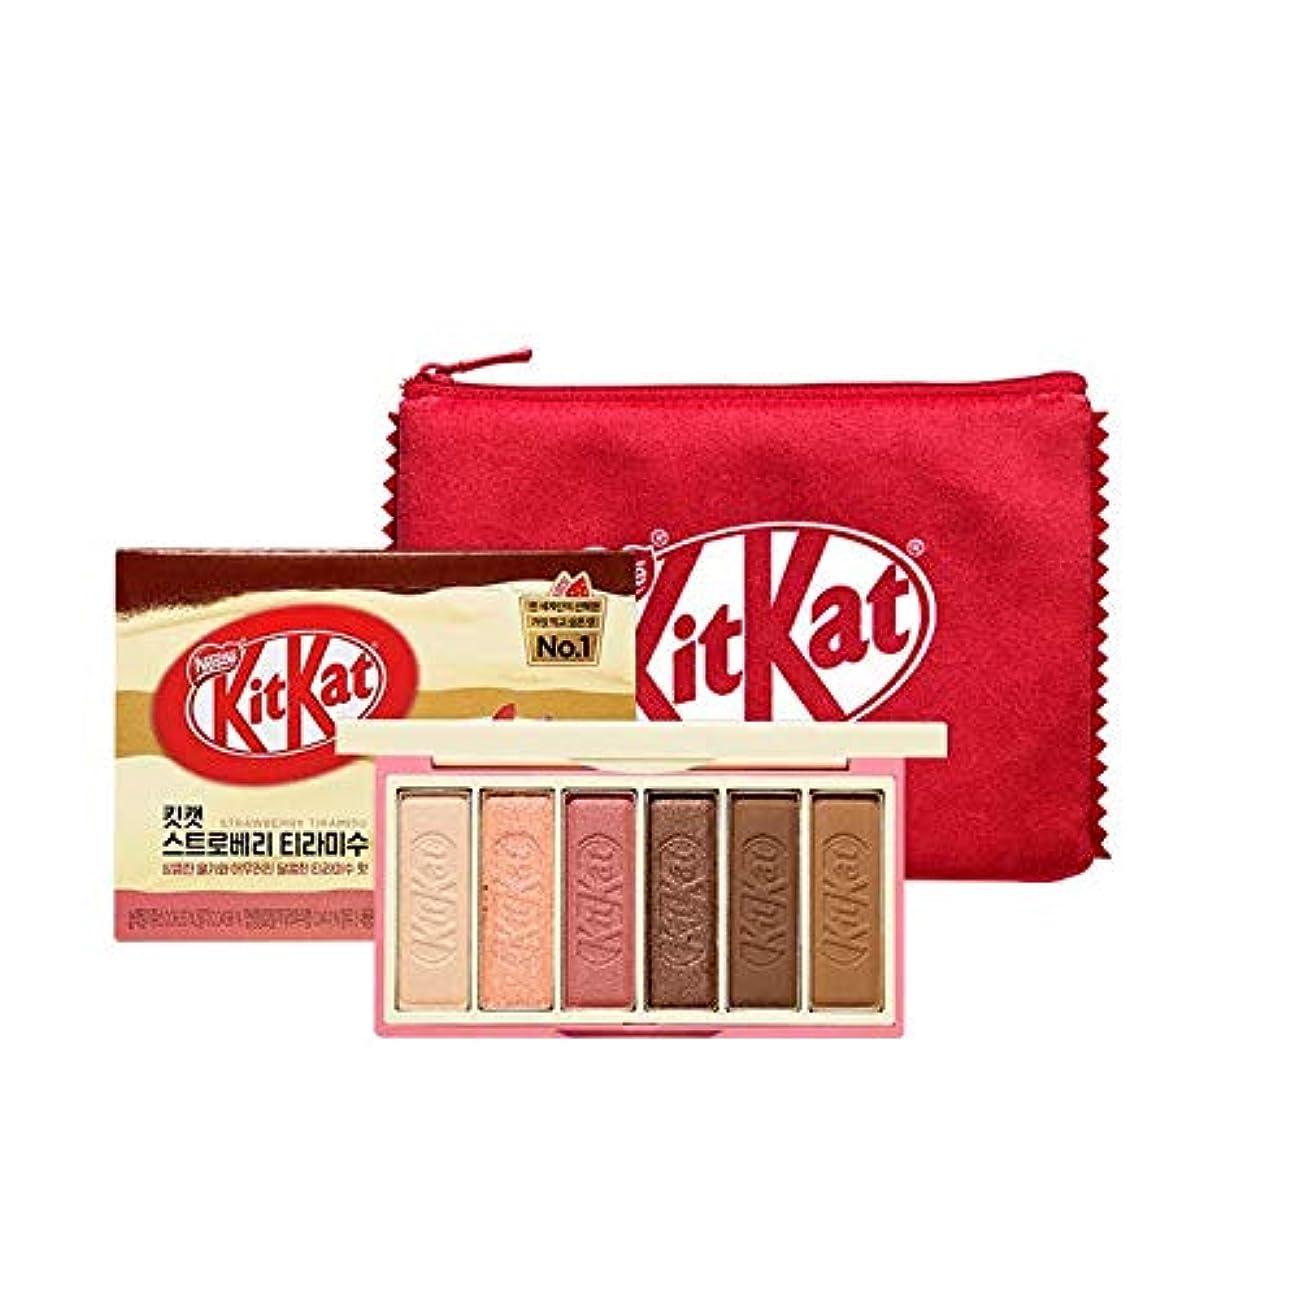 範囲参加者起きろエチュードハウス キットカット プレイカラー アイズ ミニ キット 1*6g / ETUDE HOUSE KitKat Play Color Eyes Mini Kit #2 KitKat Strawberry Tiramisu...